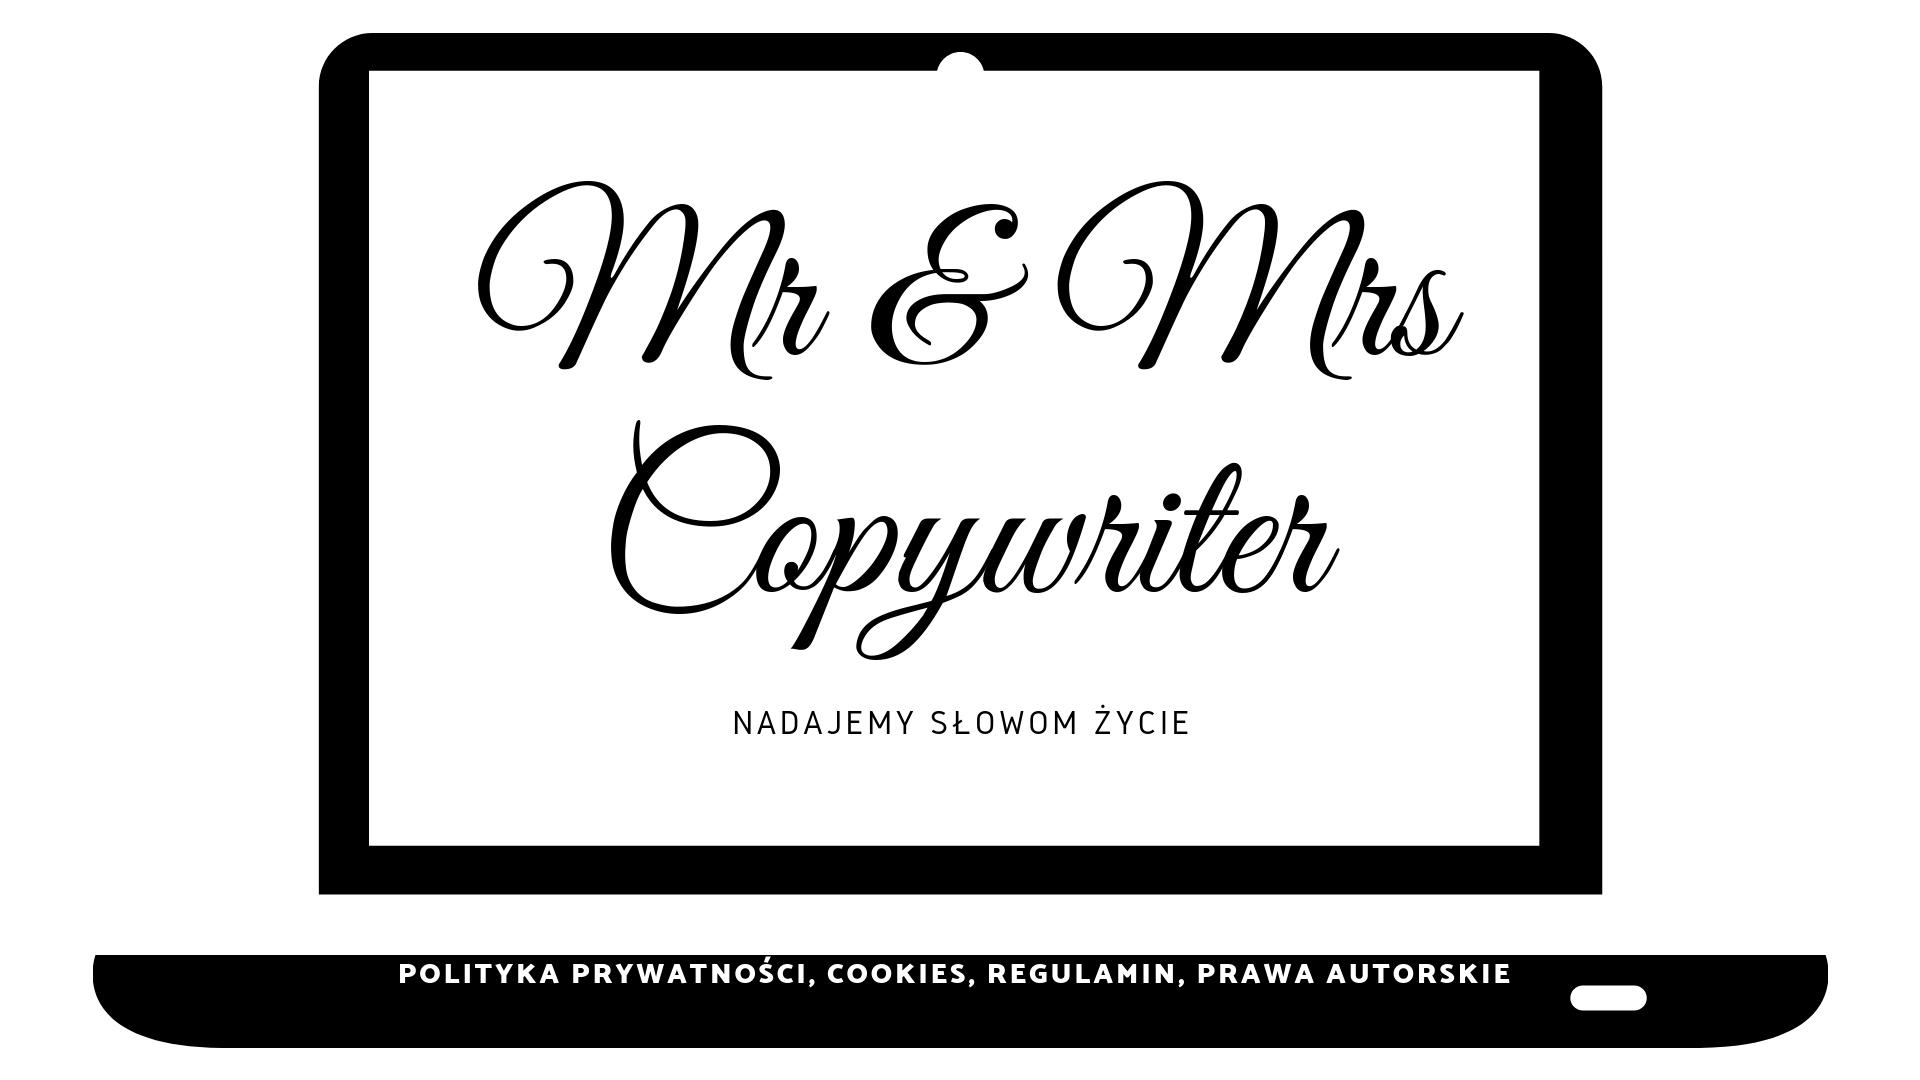 b86ea463f50263 Polityka prywatności - Mr and Mrs copywriter - nadajemy słowom życie!